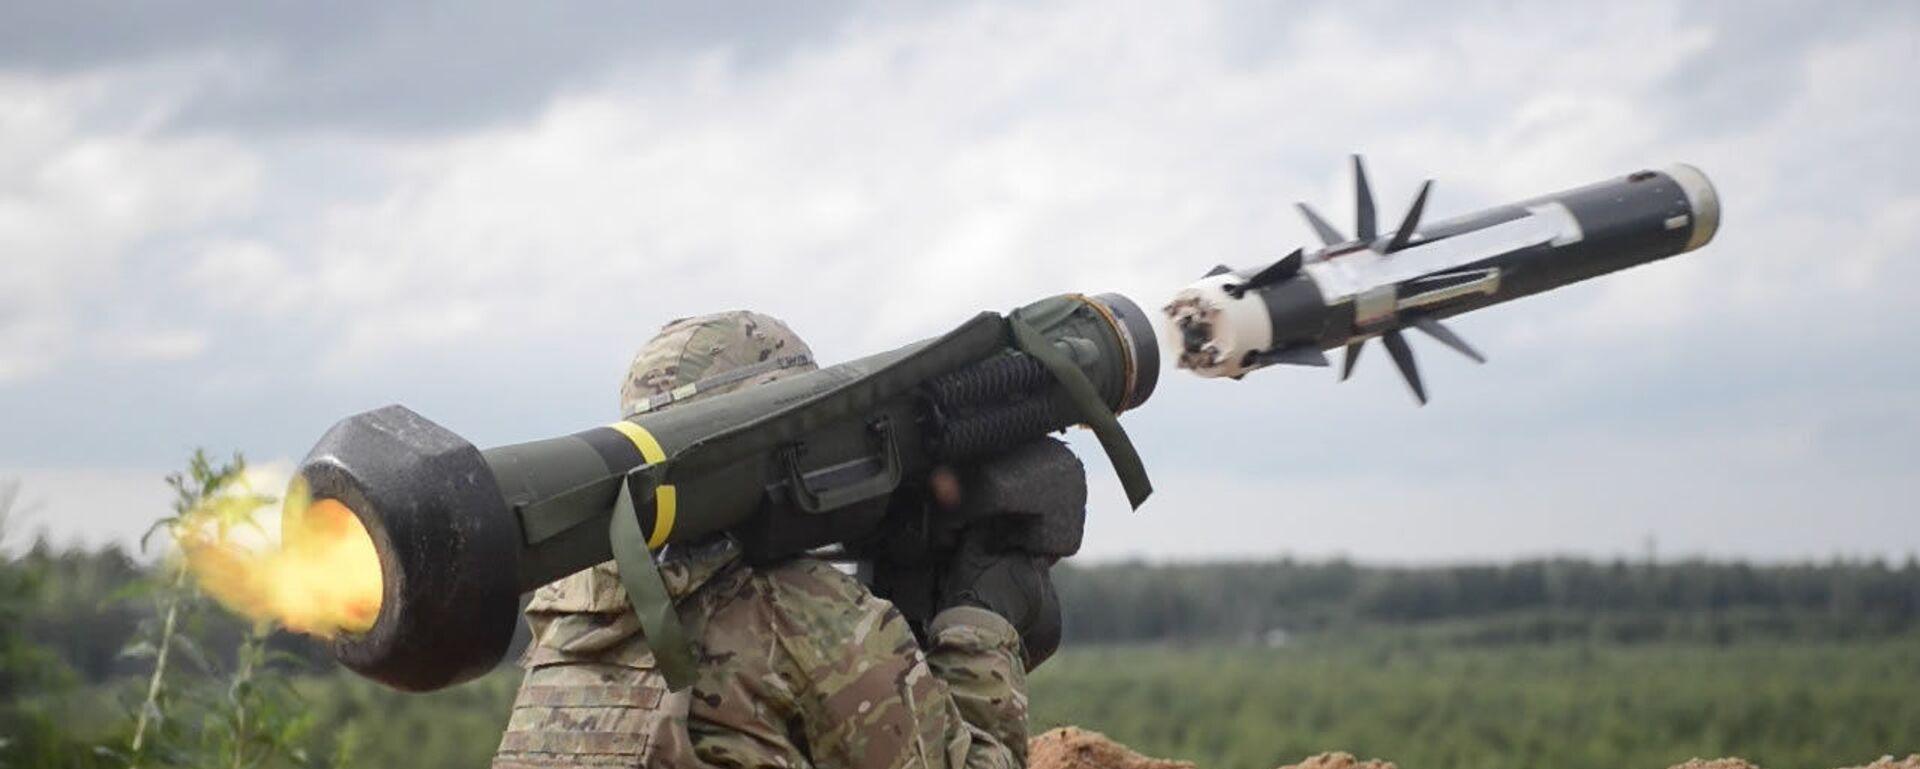 Amerykański wojskowy strzela z przeciwpancernego systemu rakietowego Javelin podczas ćwiczeń w Estonii - Sputnik Polska, 1920, 17.06.2021